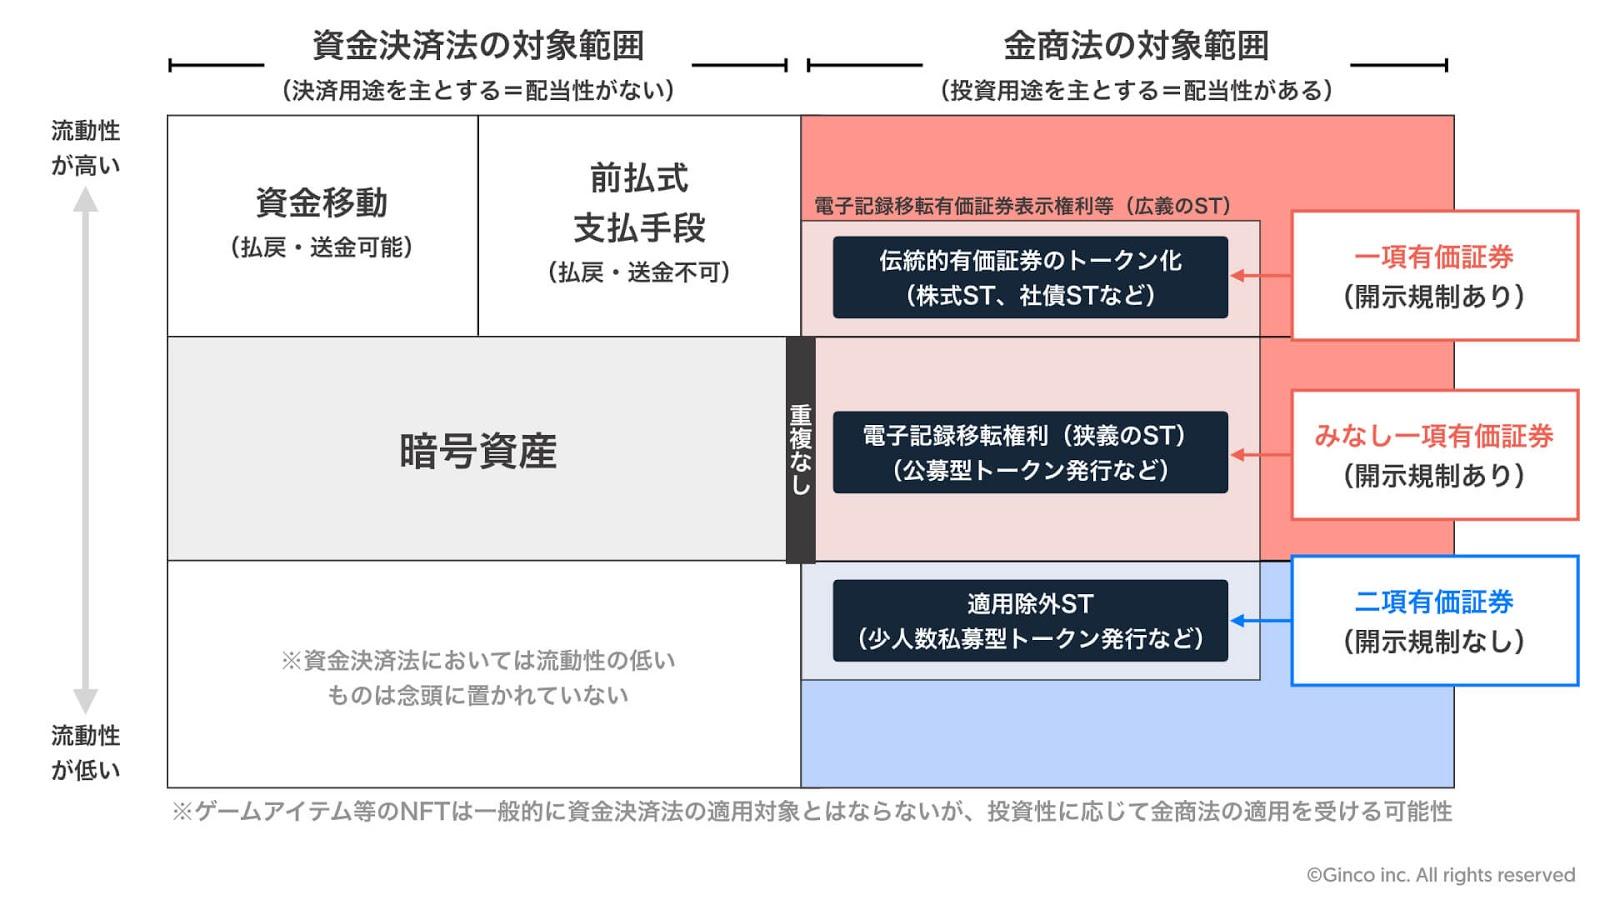 【ブログ】2020年施行予定の資金決済法および金商法の改正による暗号資産管理規制の変化について-1